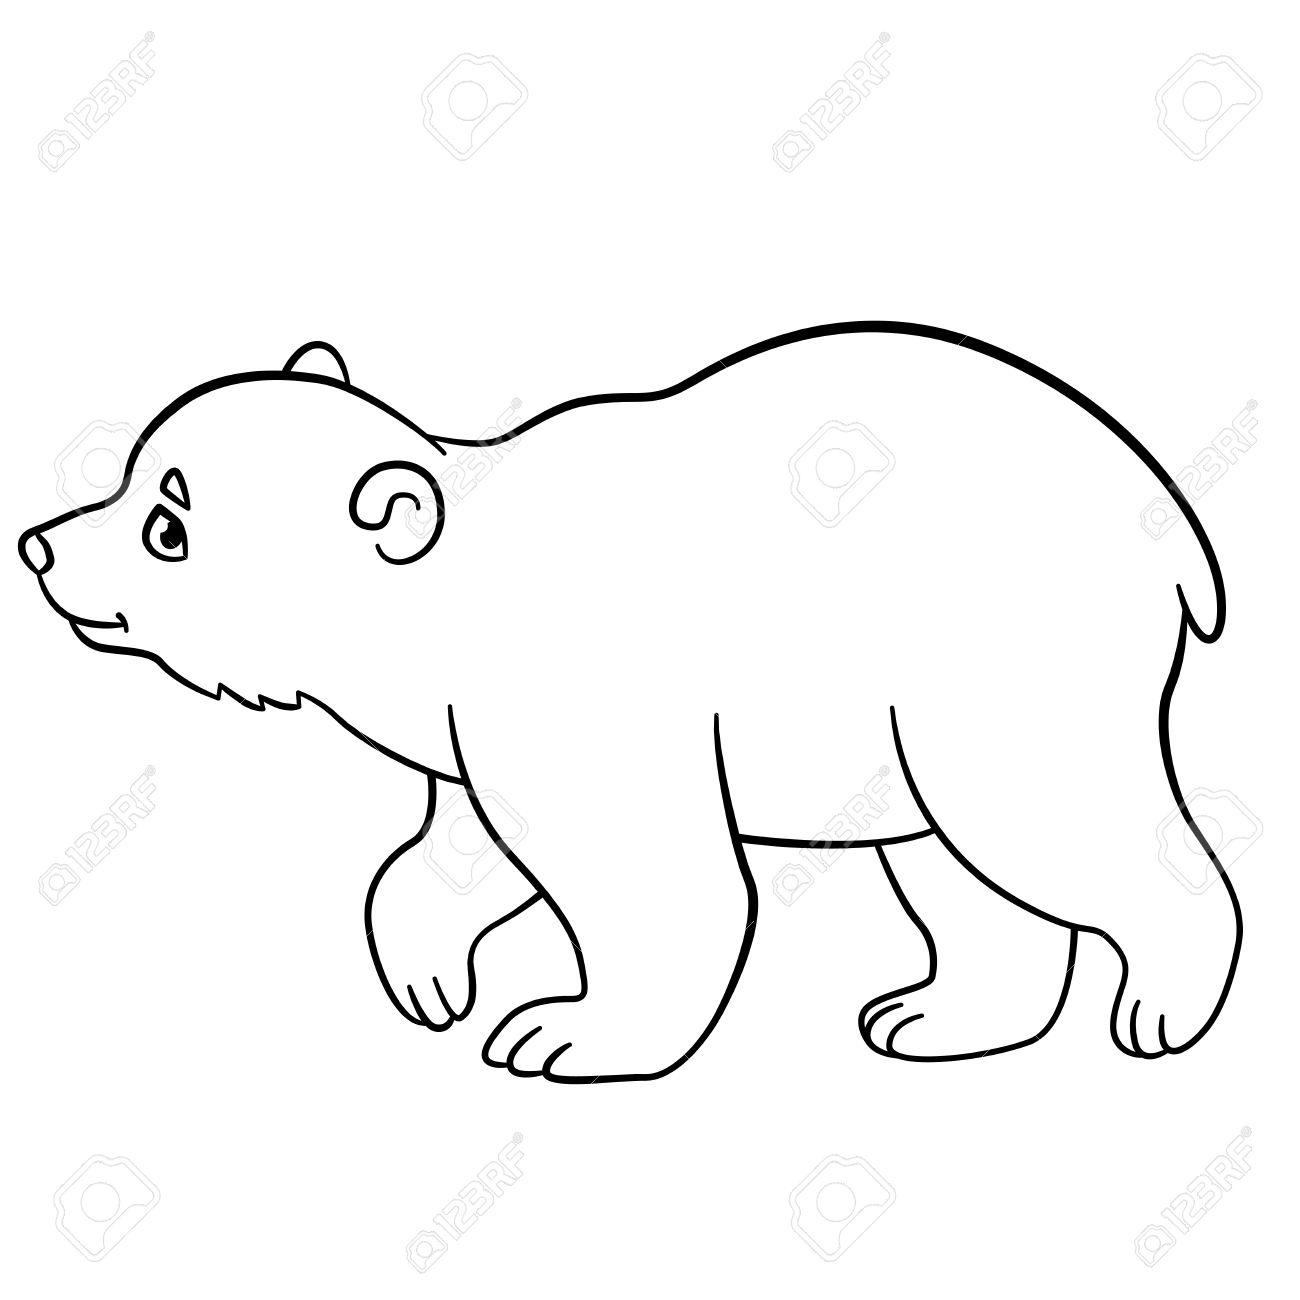 Gemütlich Eisbär Malvorlagen Zum Ausdrucken Bilder - Entry Level ...